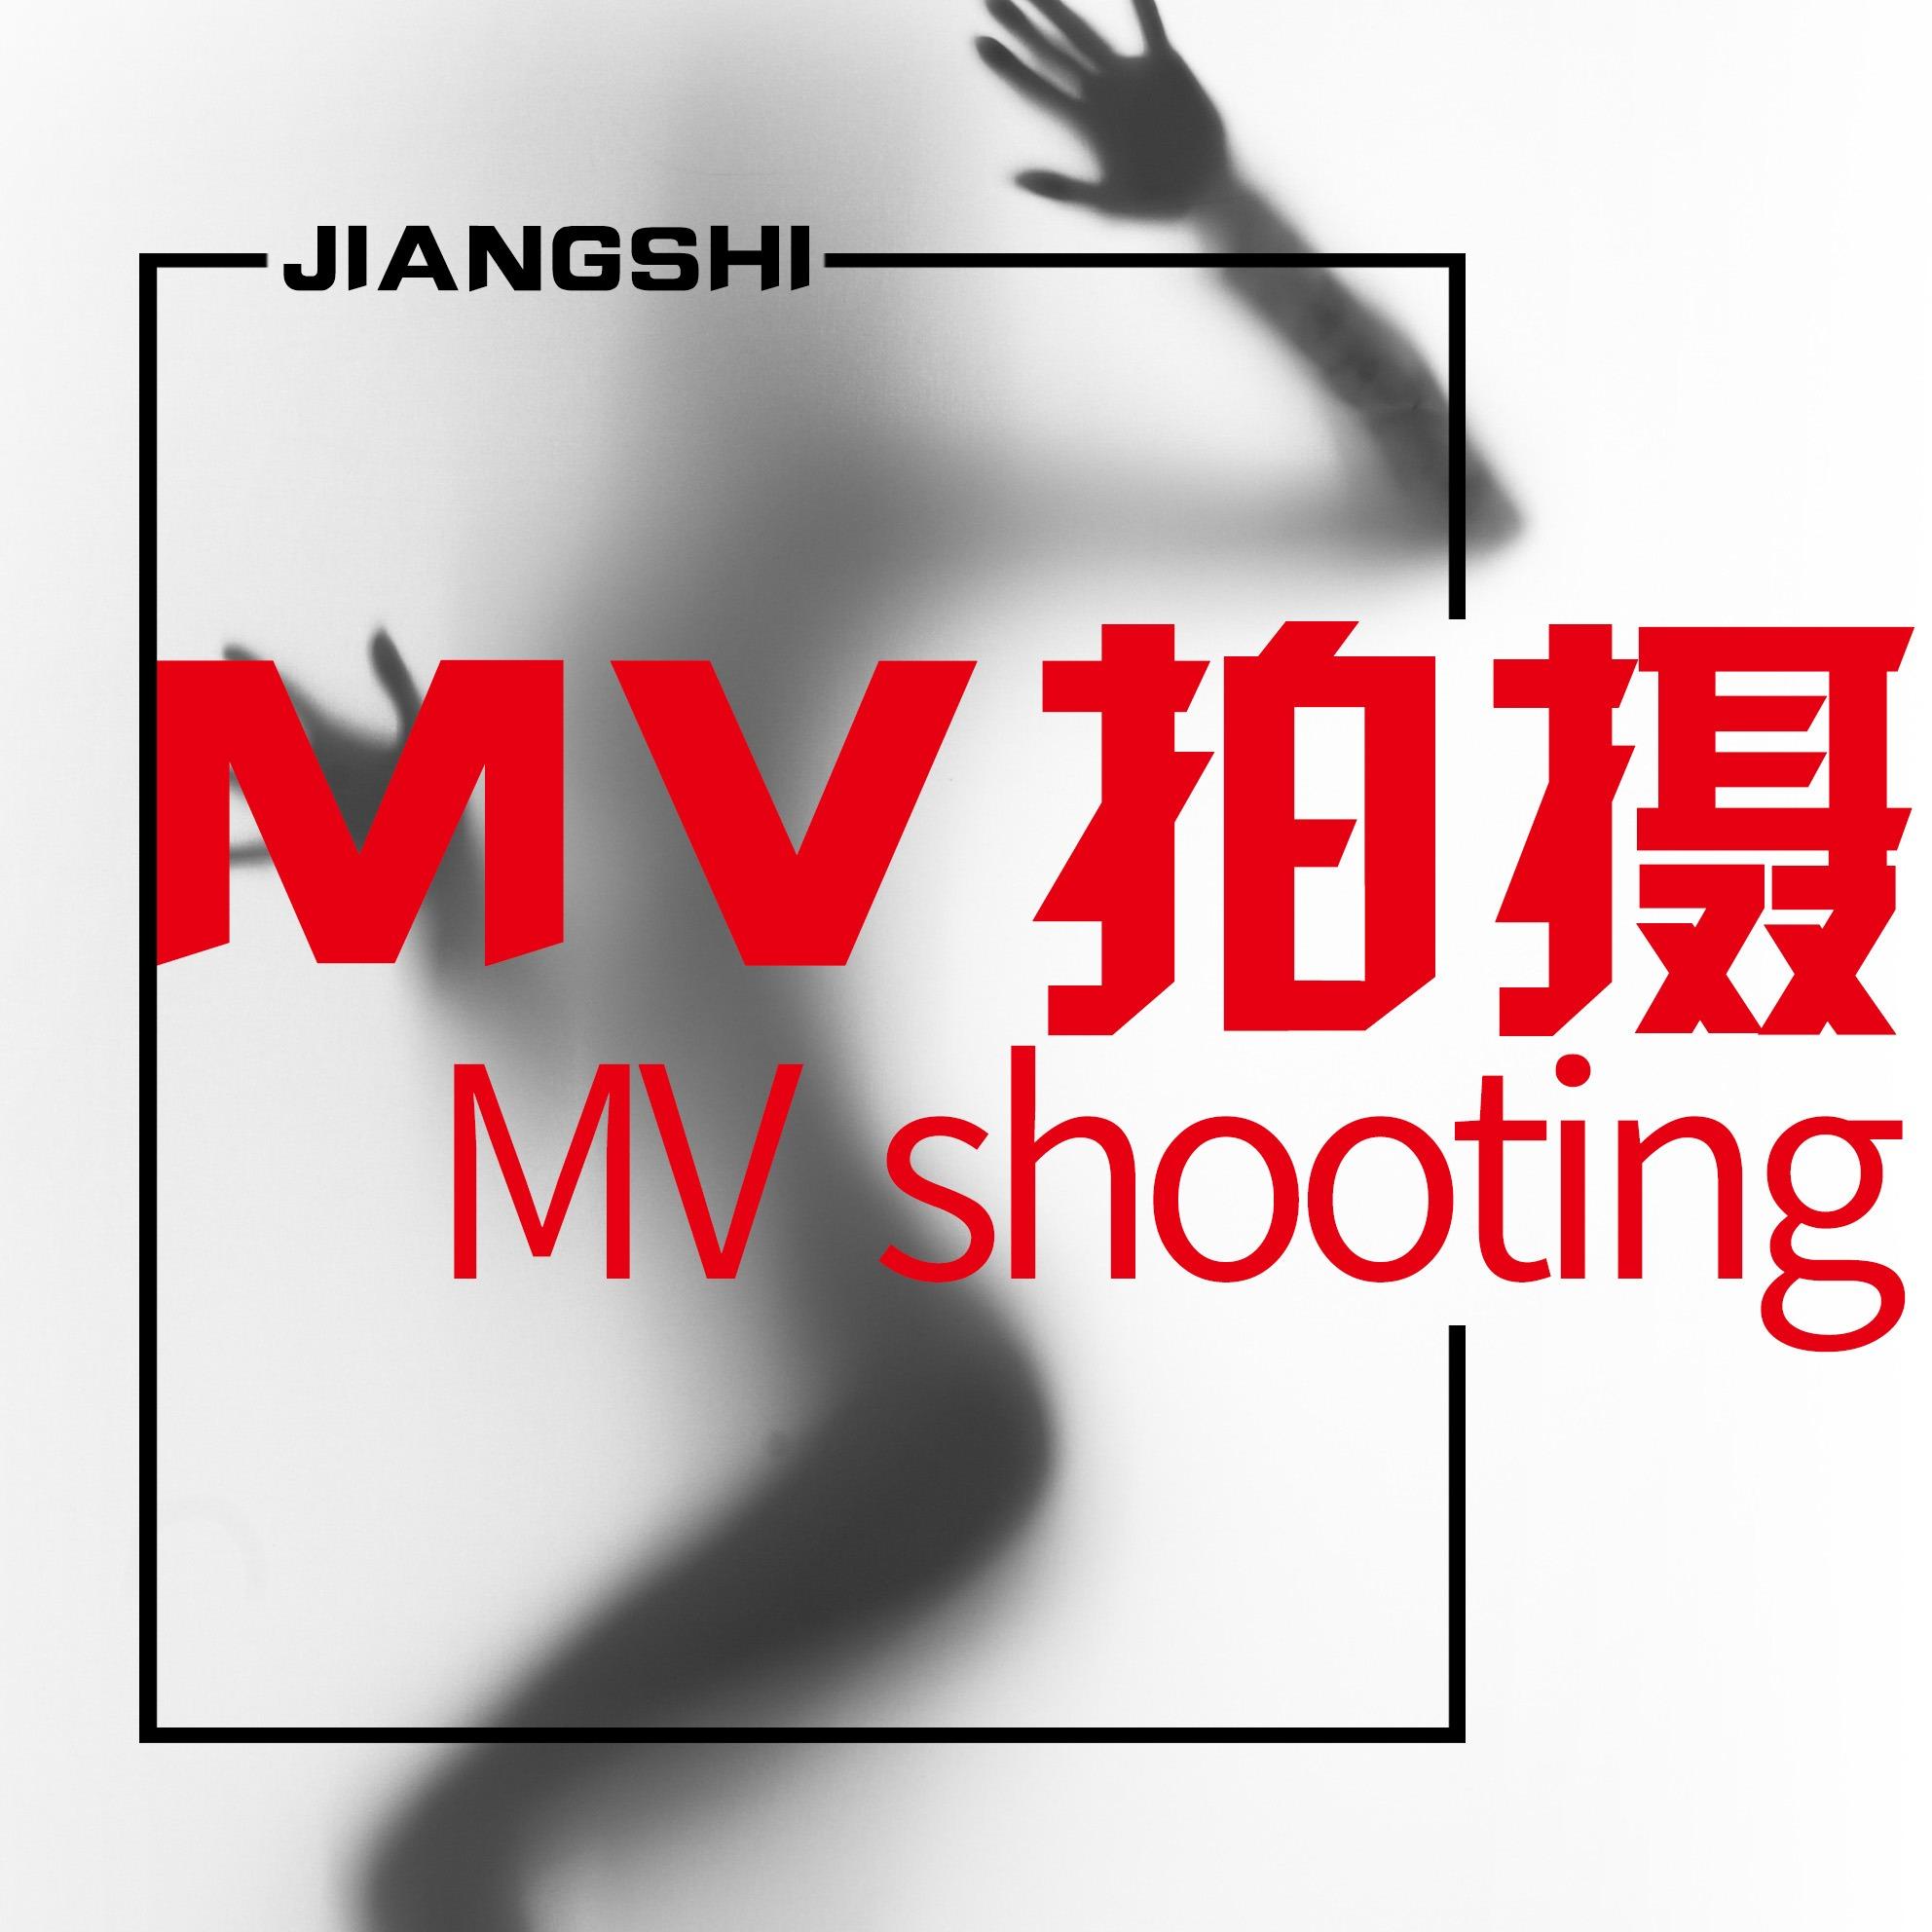 专辑MV创意拍摄嘻哈说唱Rap歌曲剪辑制作视频时尚舞蹈动感